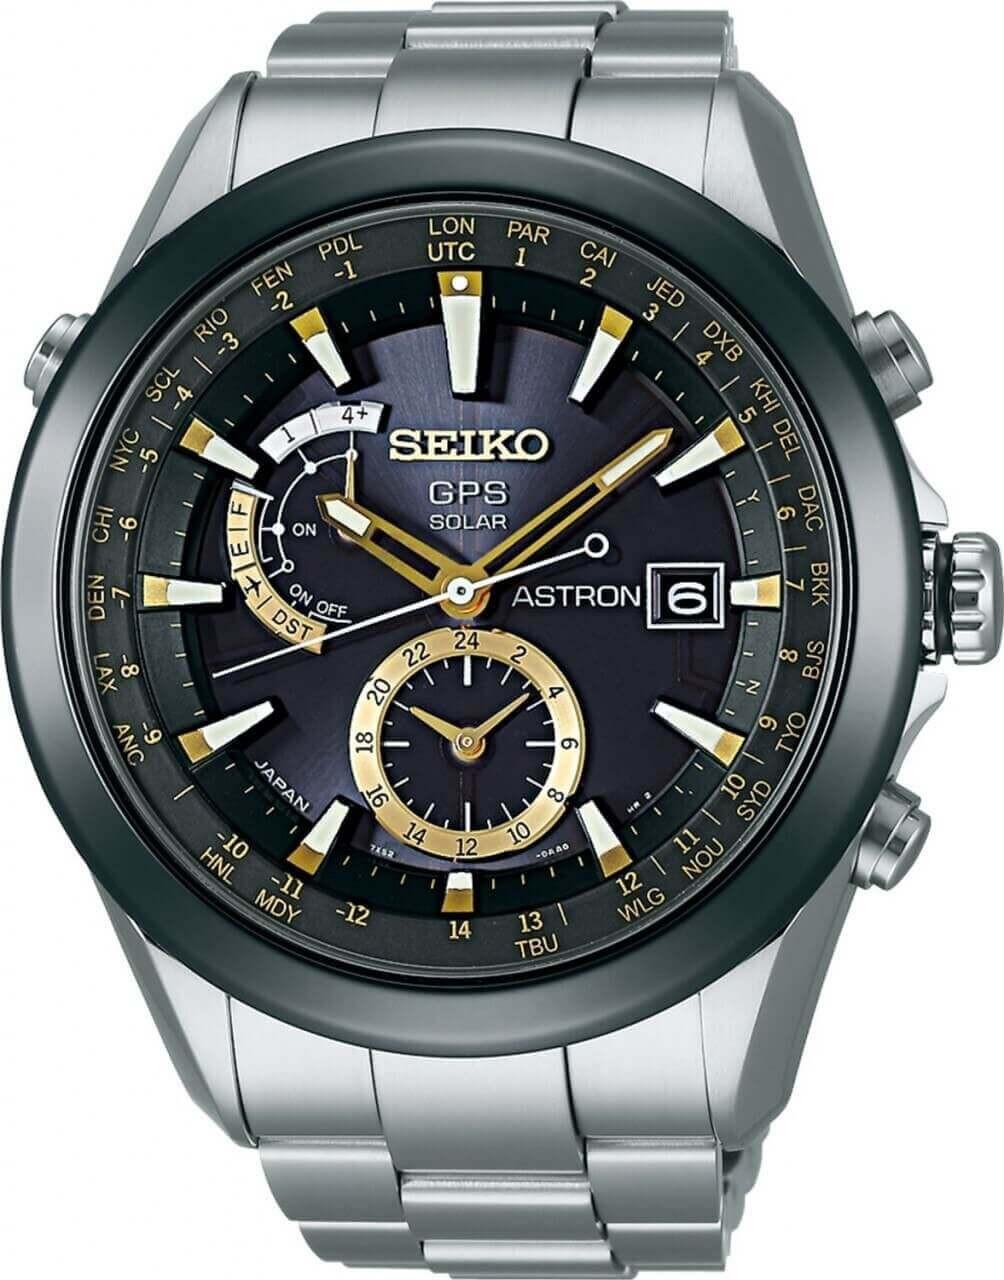 Seiko Astron SAST005G High Intensity Titanium (SAST005)